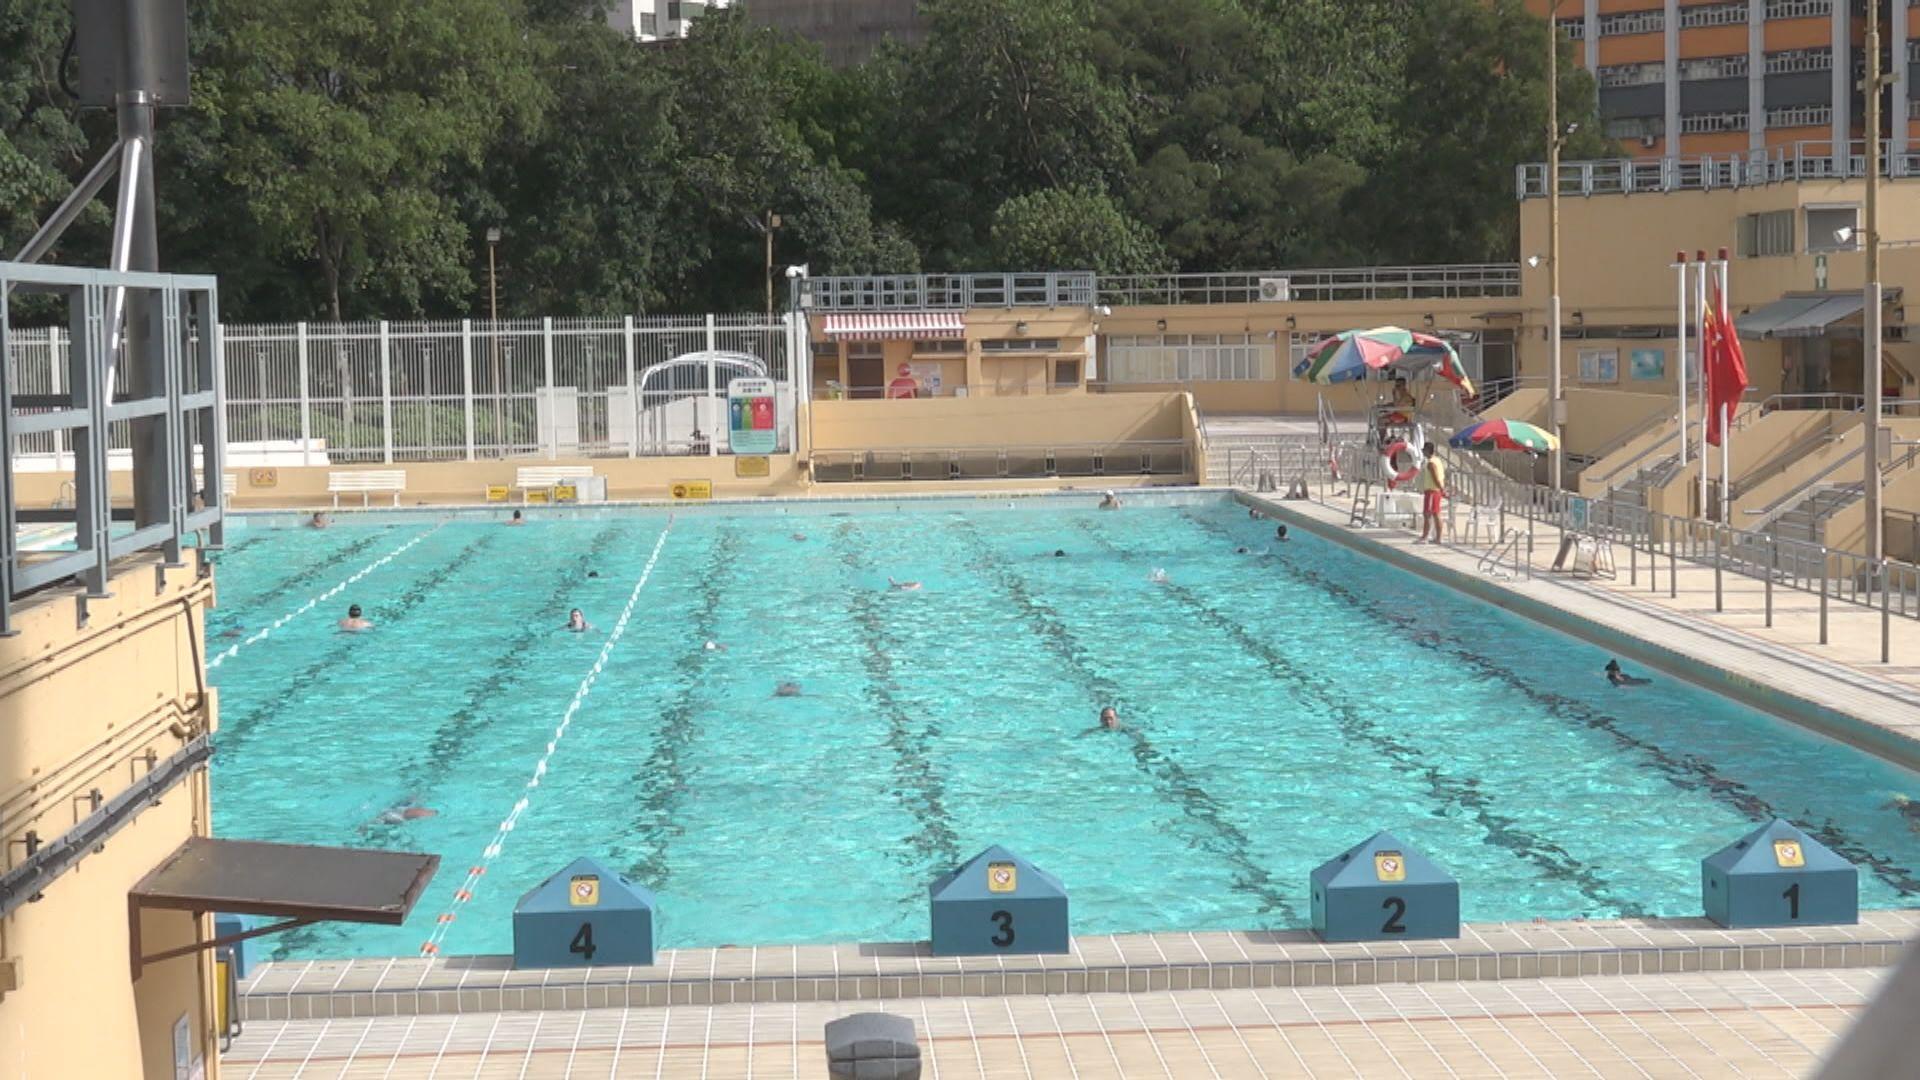 申訴專員:部分體育總會分配公眾泳池泳線機制不公